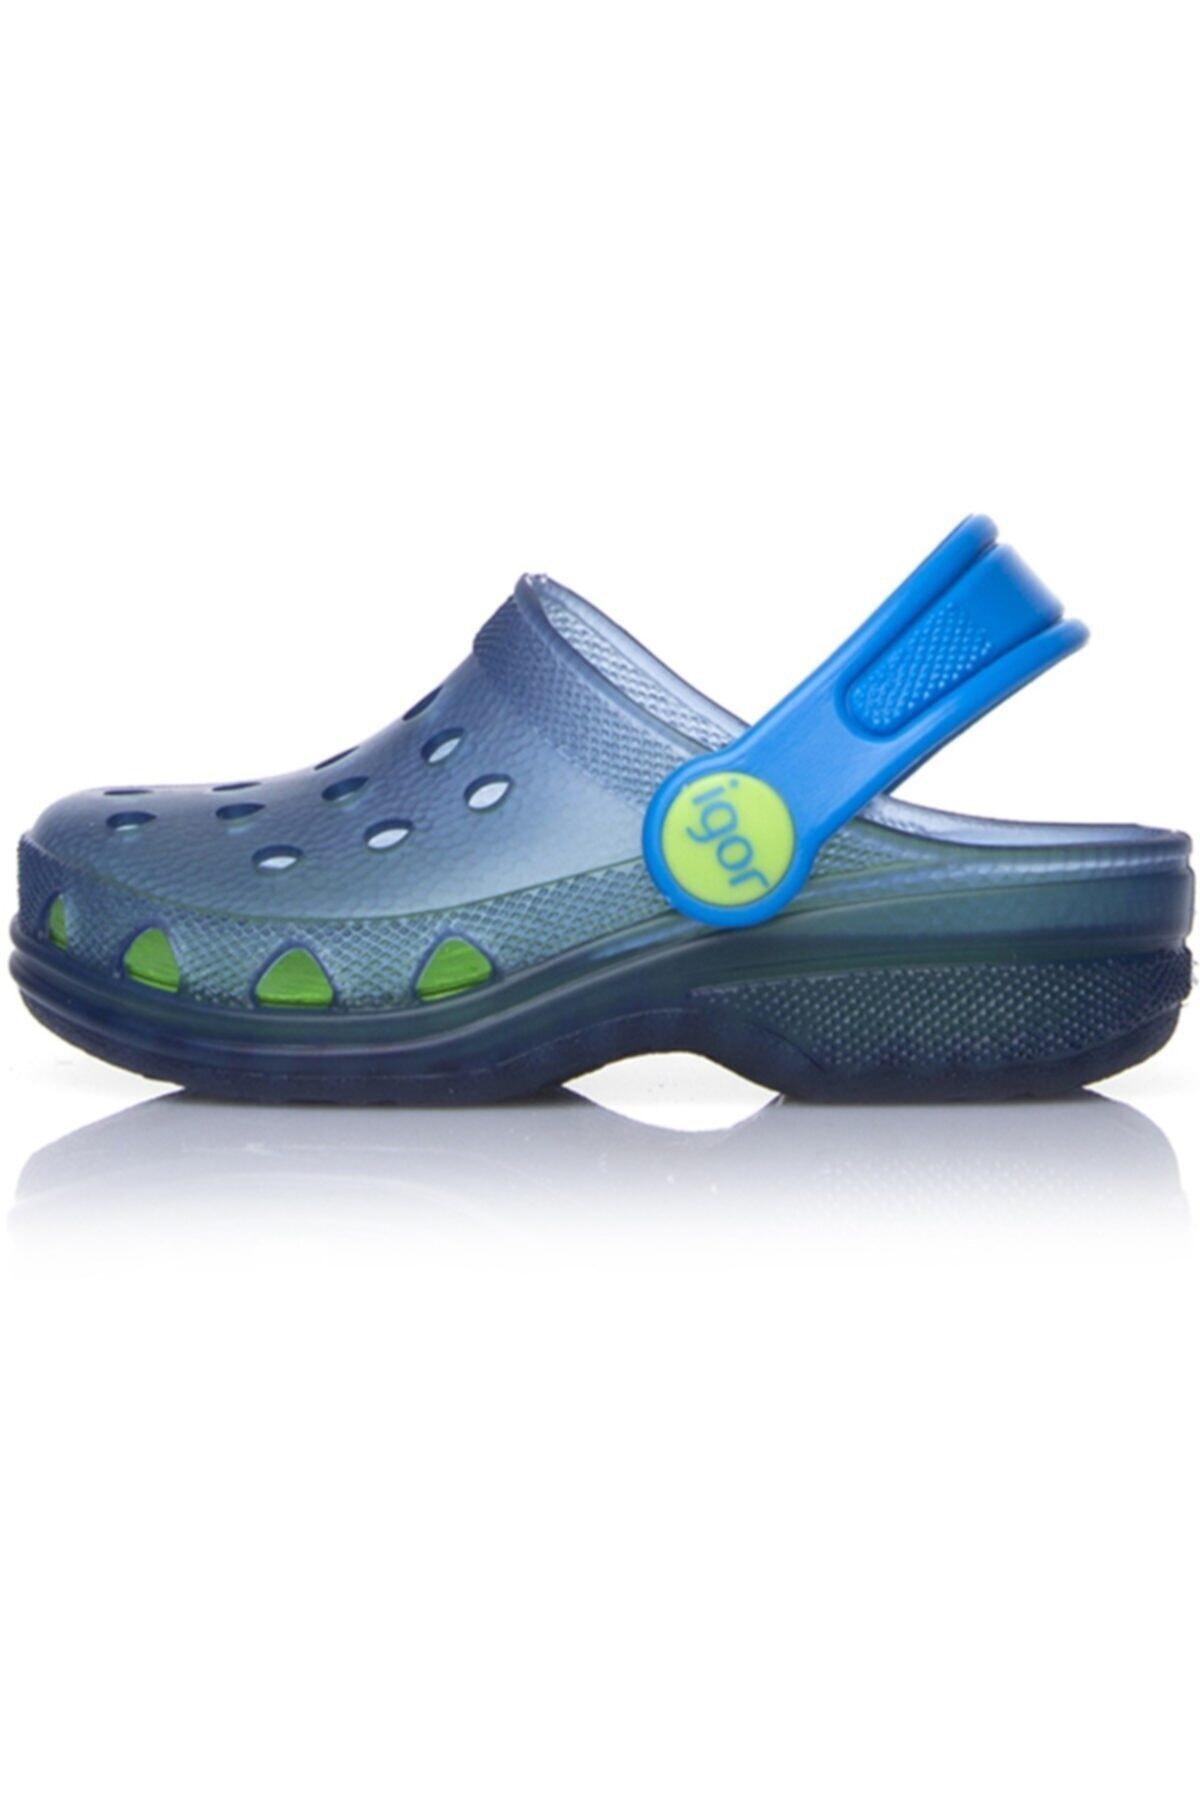 IGOR Deniz Ayakkabısı 1